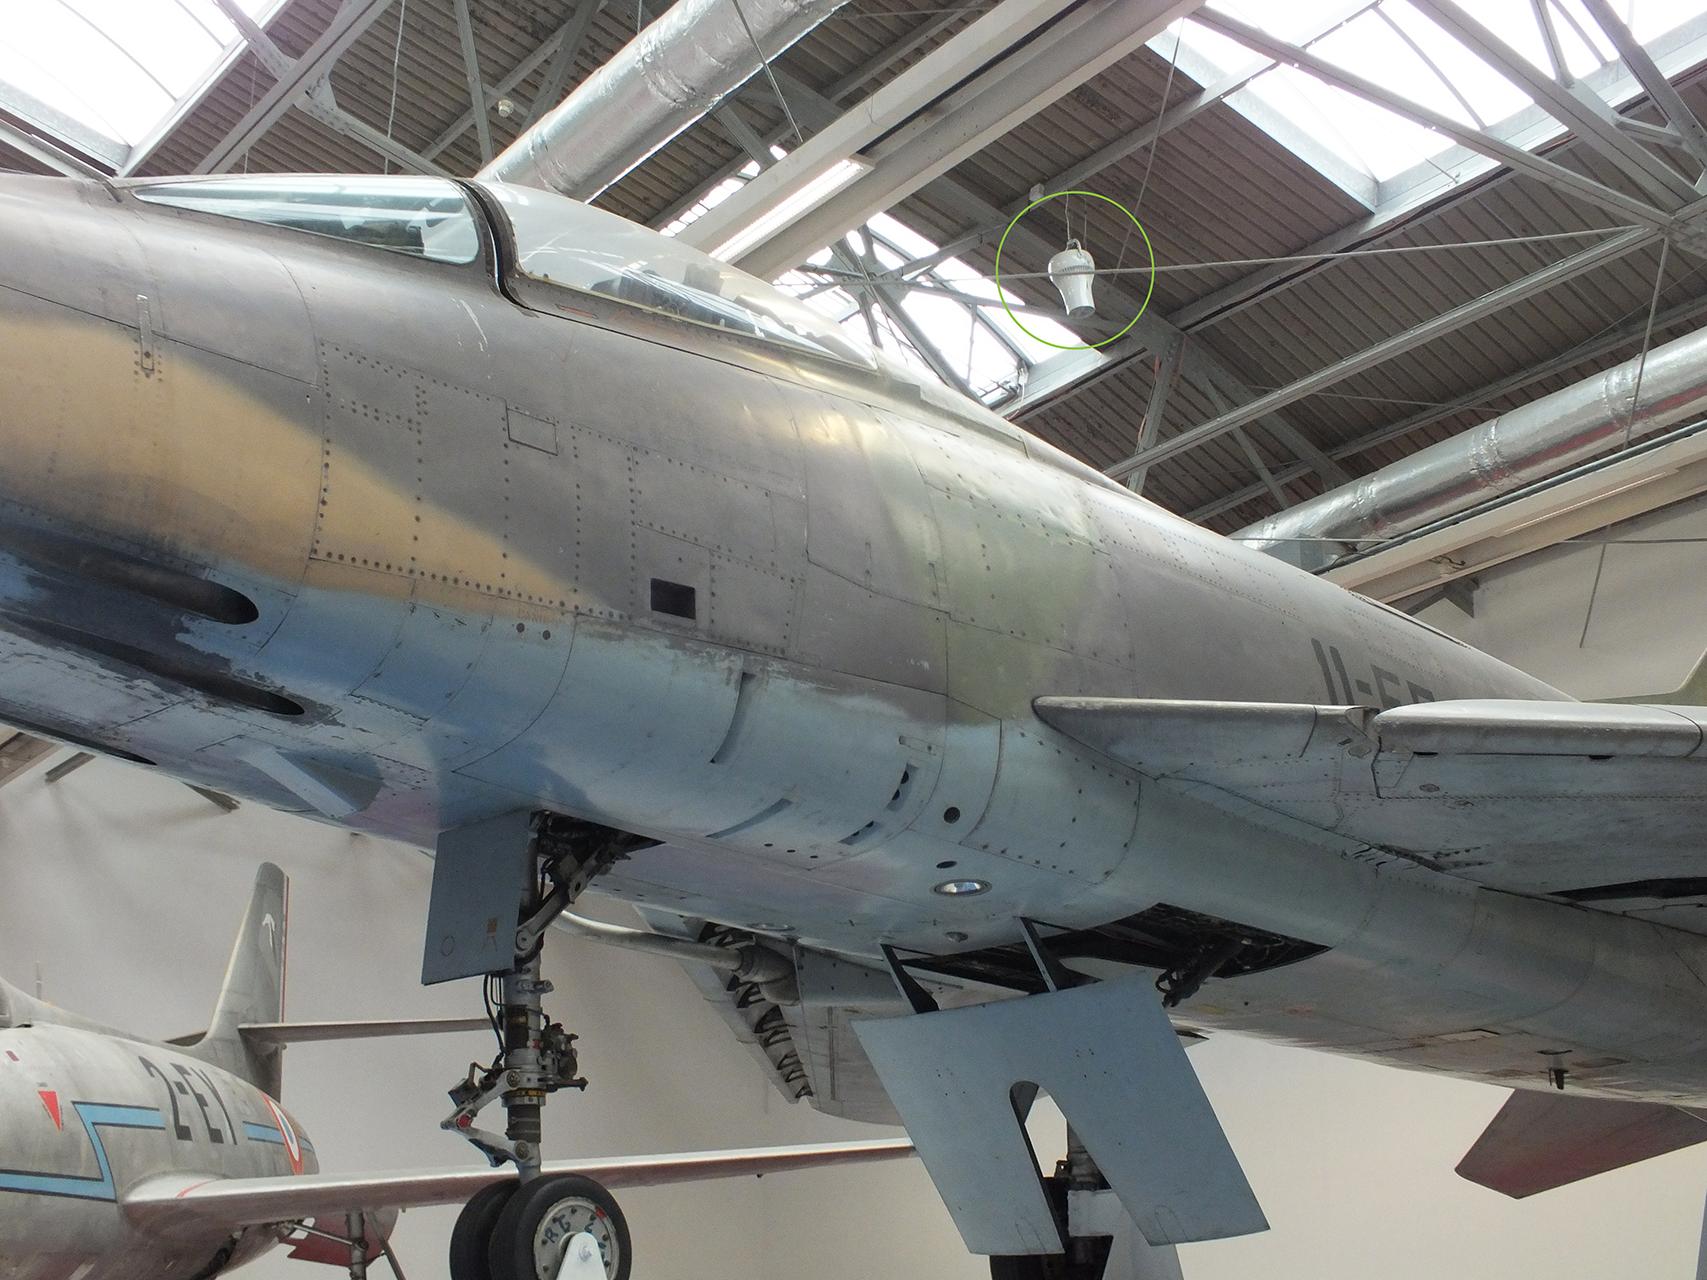 Musee De Lair Et De Lespace Le Bourget Airius 1